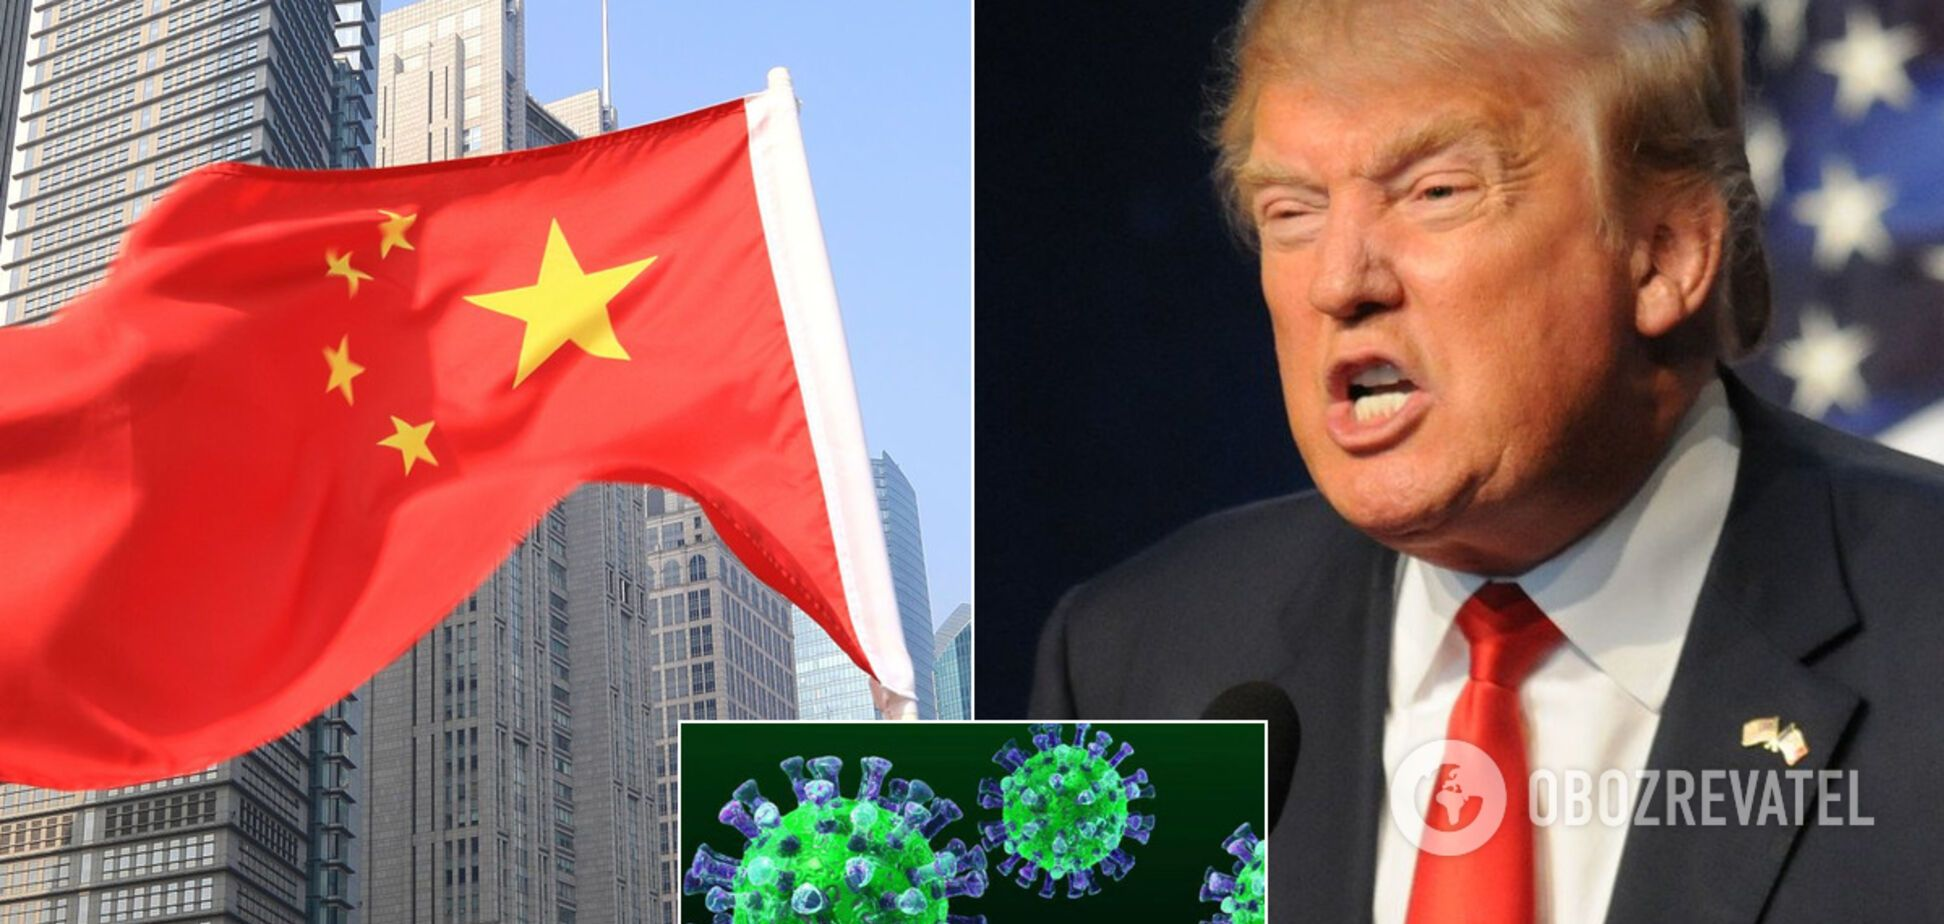 Китай использовал COVID-19 для уничтожения экономик стран-конкурентов, – Трамп